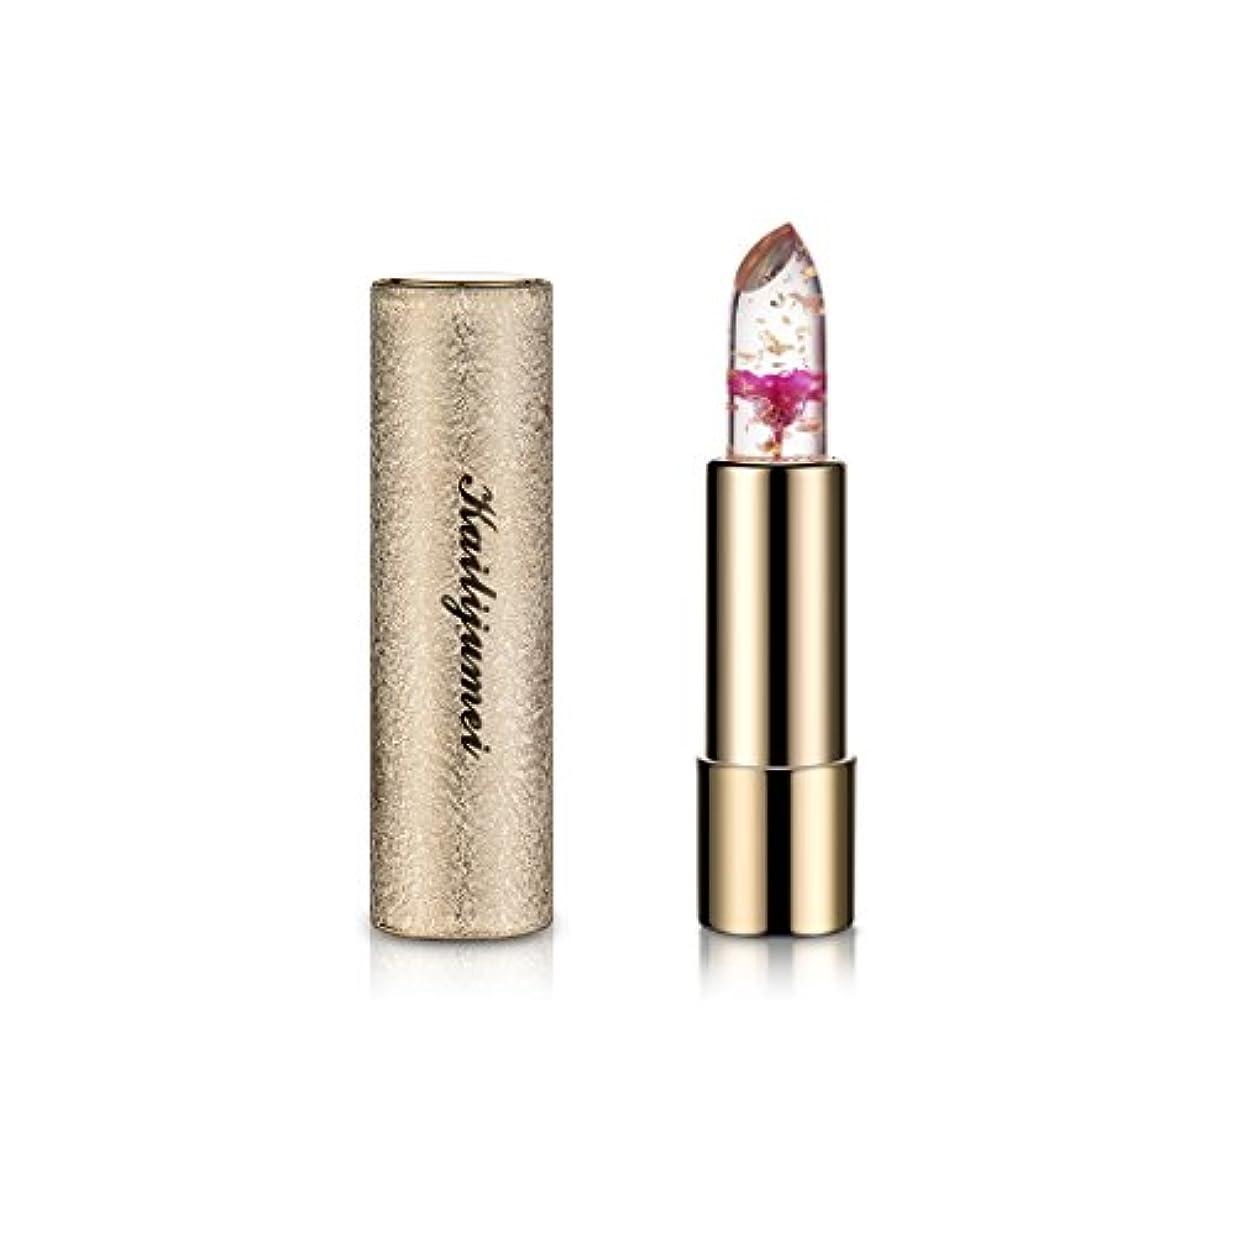 意図する迫害見かけ上日本限定モデル 新作 kailijumei magic color lip 日本正規品 マジックカラー 唇の温度で色が変化するリップ 口紅 リップバーム カイリジュメイ ドライフラワー お花 (FLAME RED(レッド))